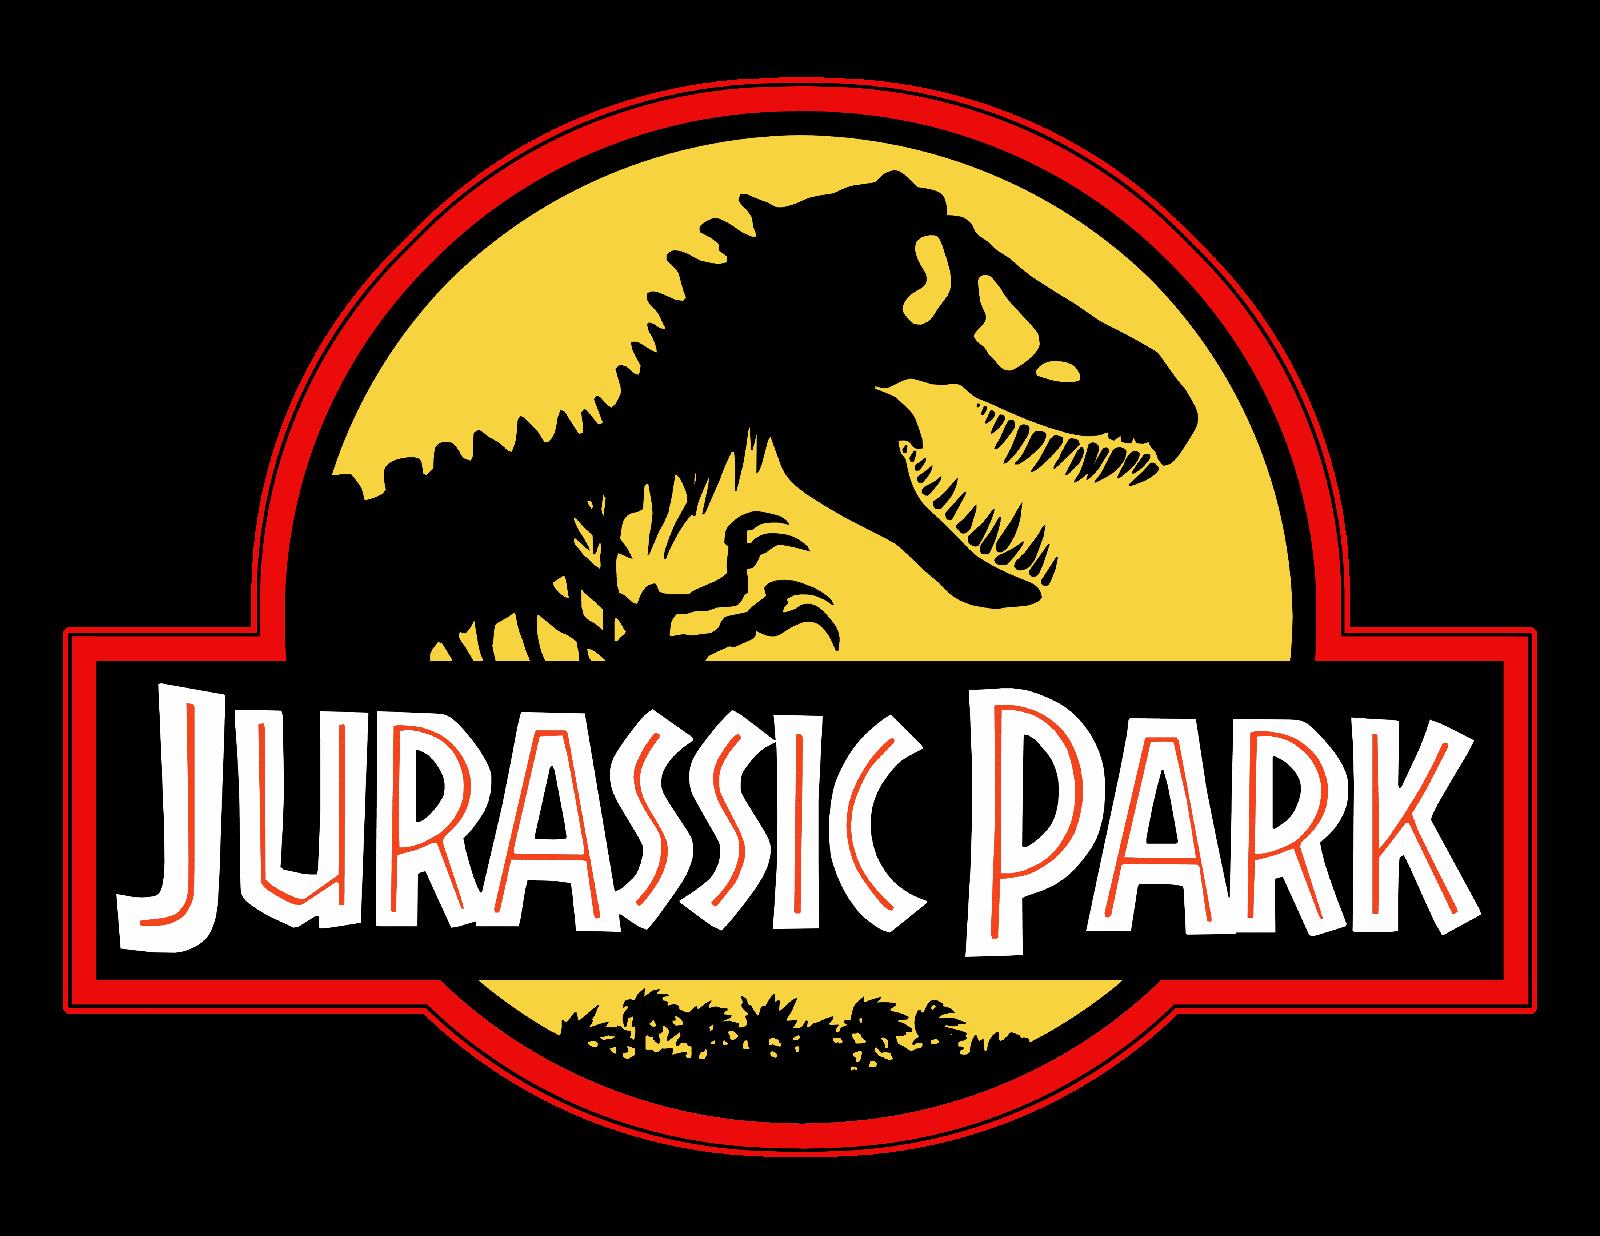 Jurassic Park (franquicia)